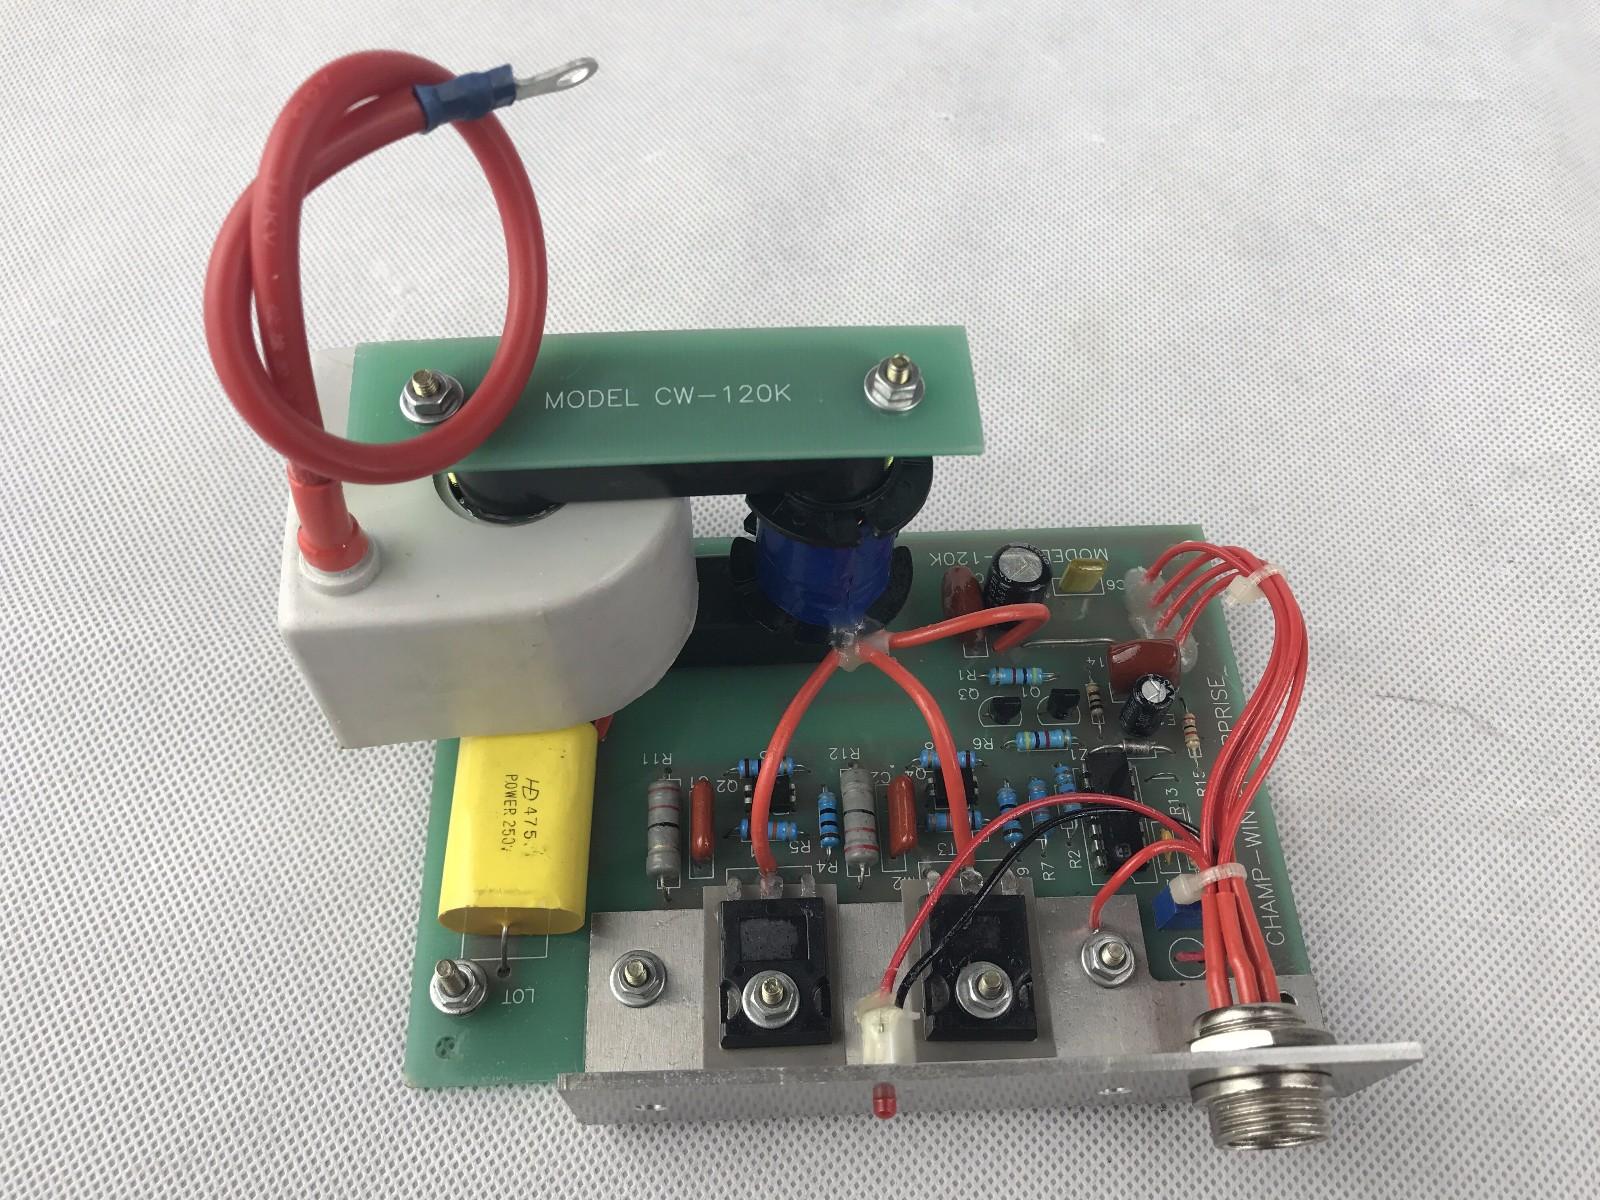 台湾彰誉静电发生器线路板|静电发生器线路电路板-肇庆市百瑞德机械配件有限公司